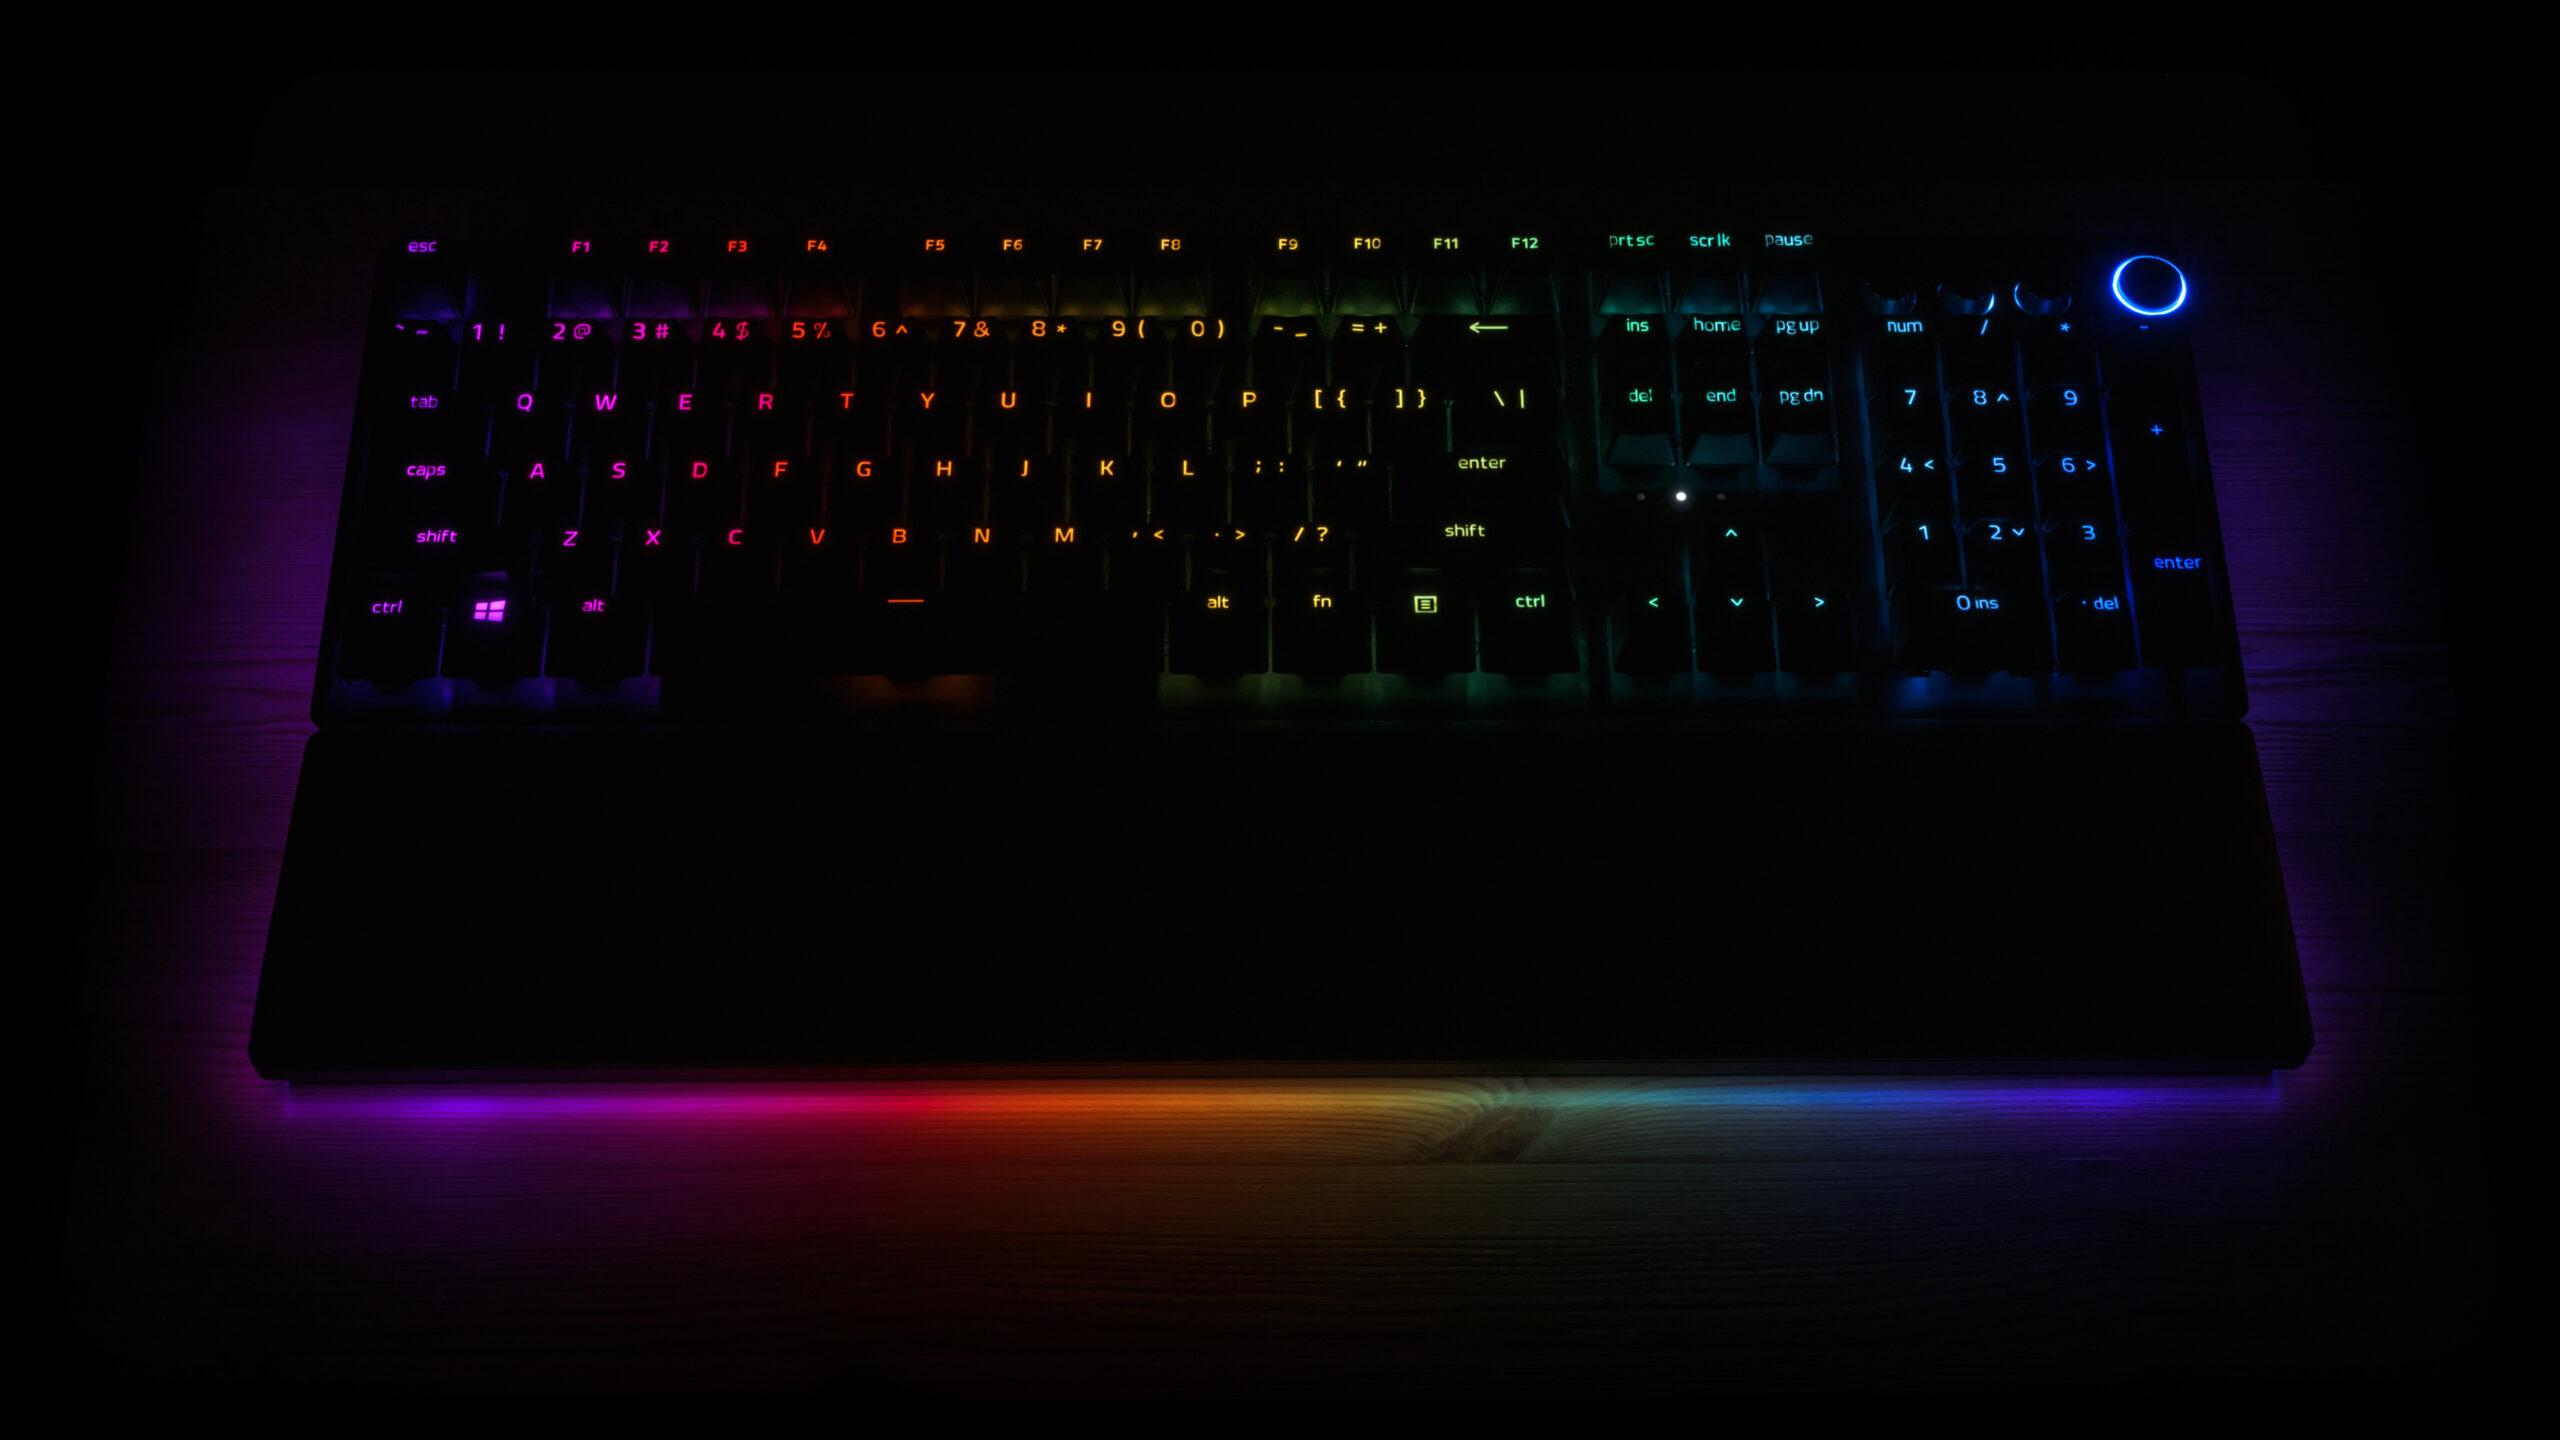 Donkere foto van een Razer-toetsenbord, waarop duidelijk de Razer Chroma RGB-verlichting zichtbaar is.